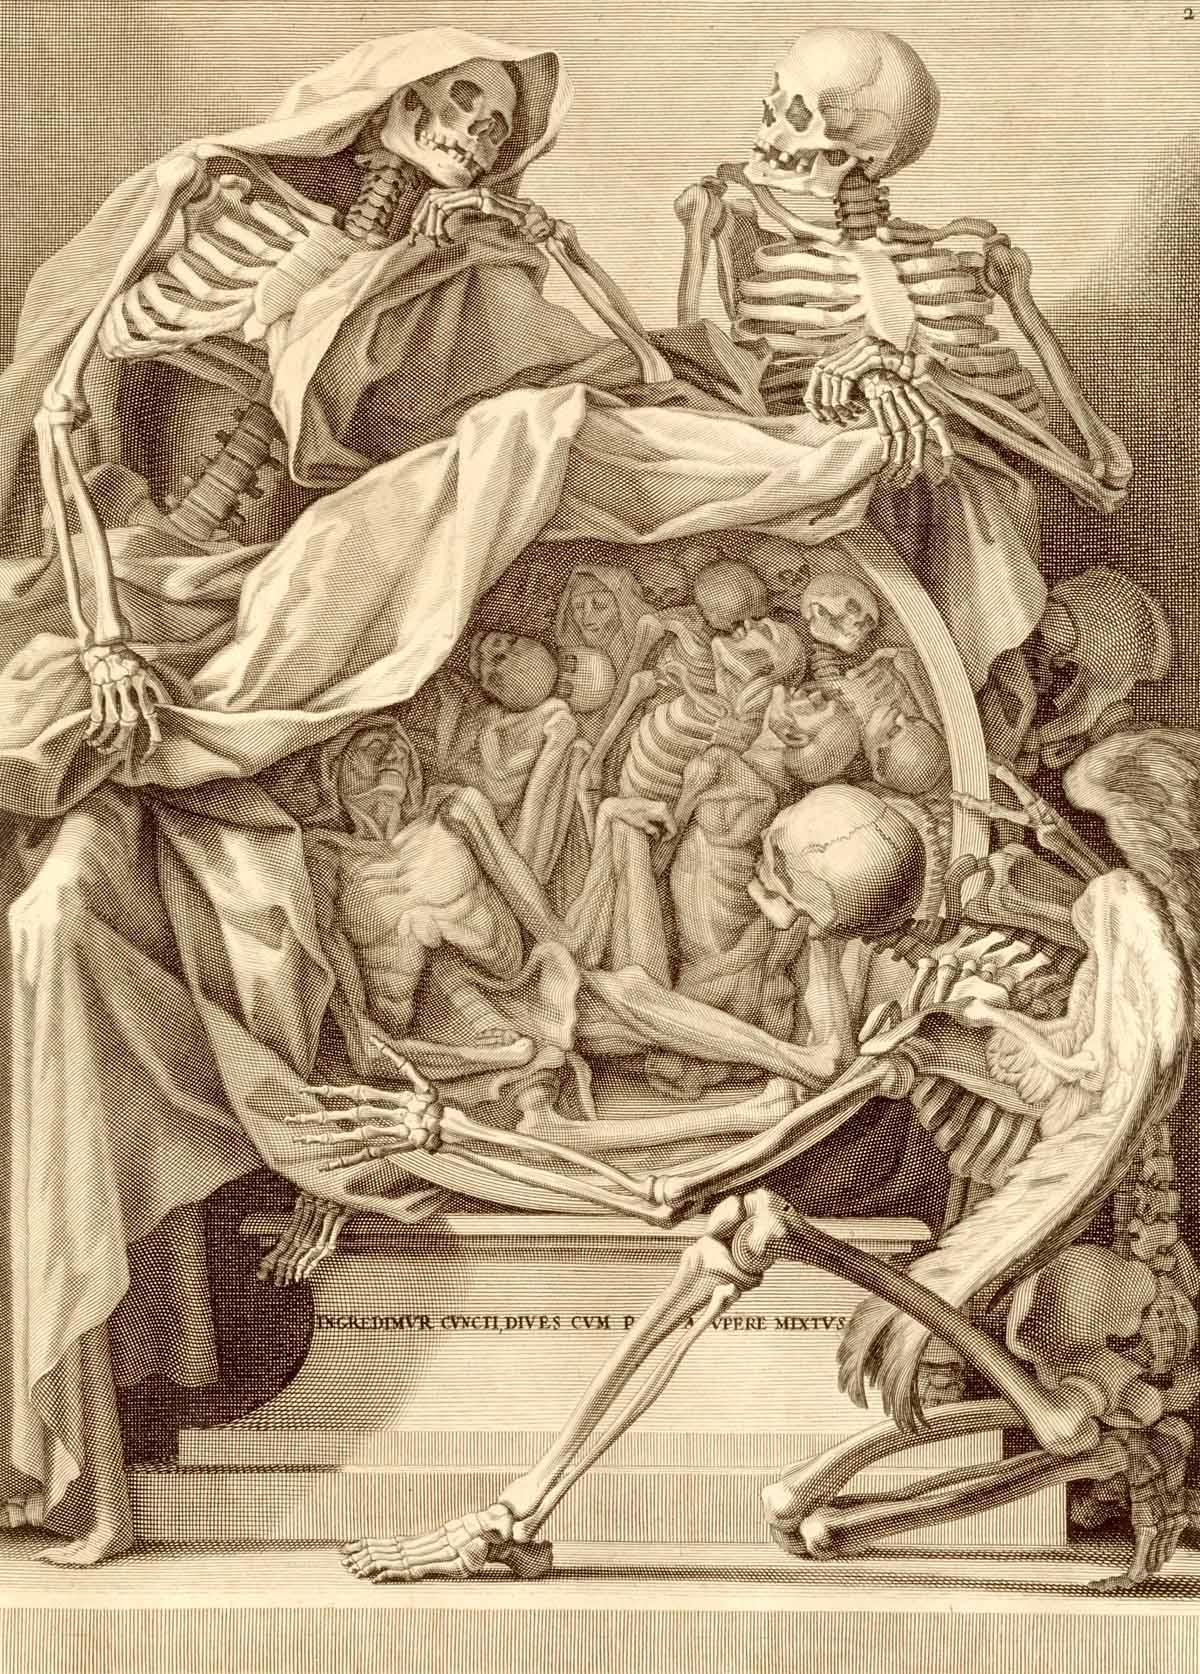 CHARLES ERRARD, ilustração para o tratado